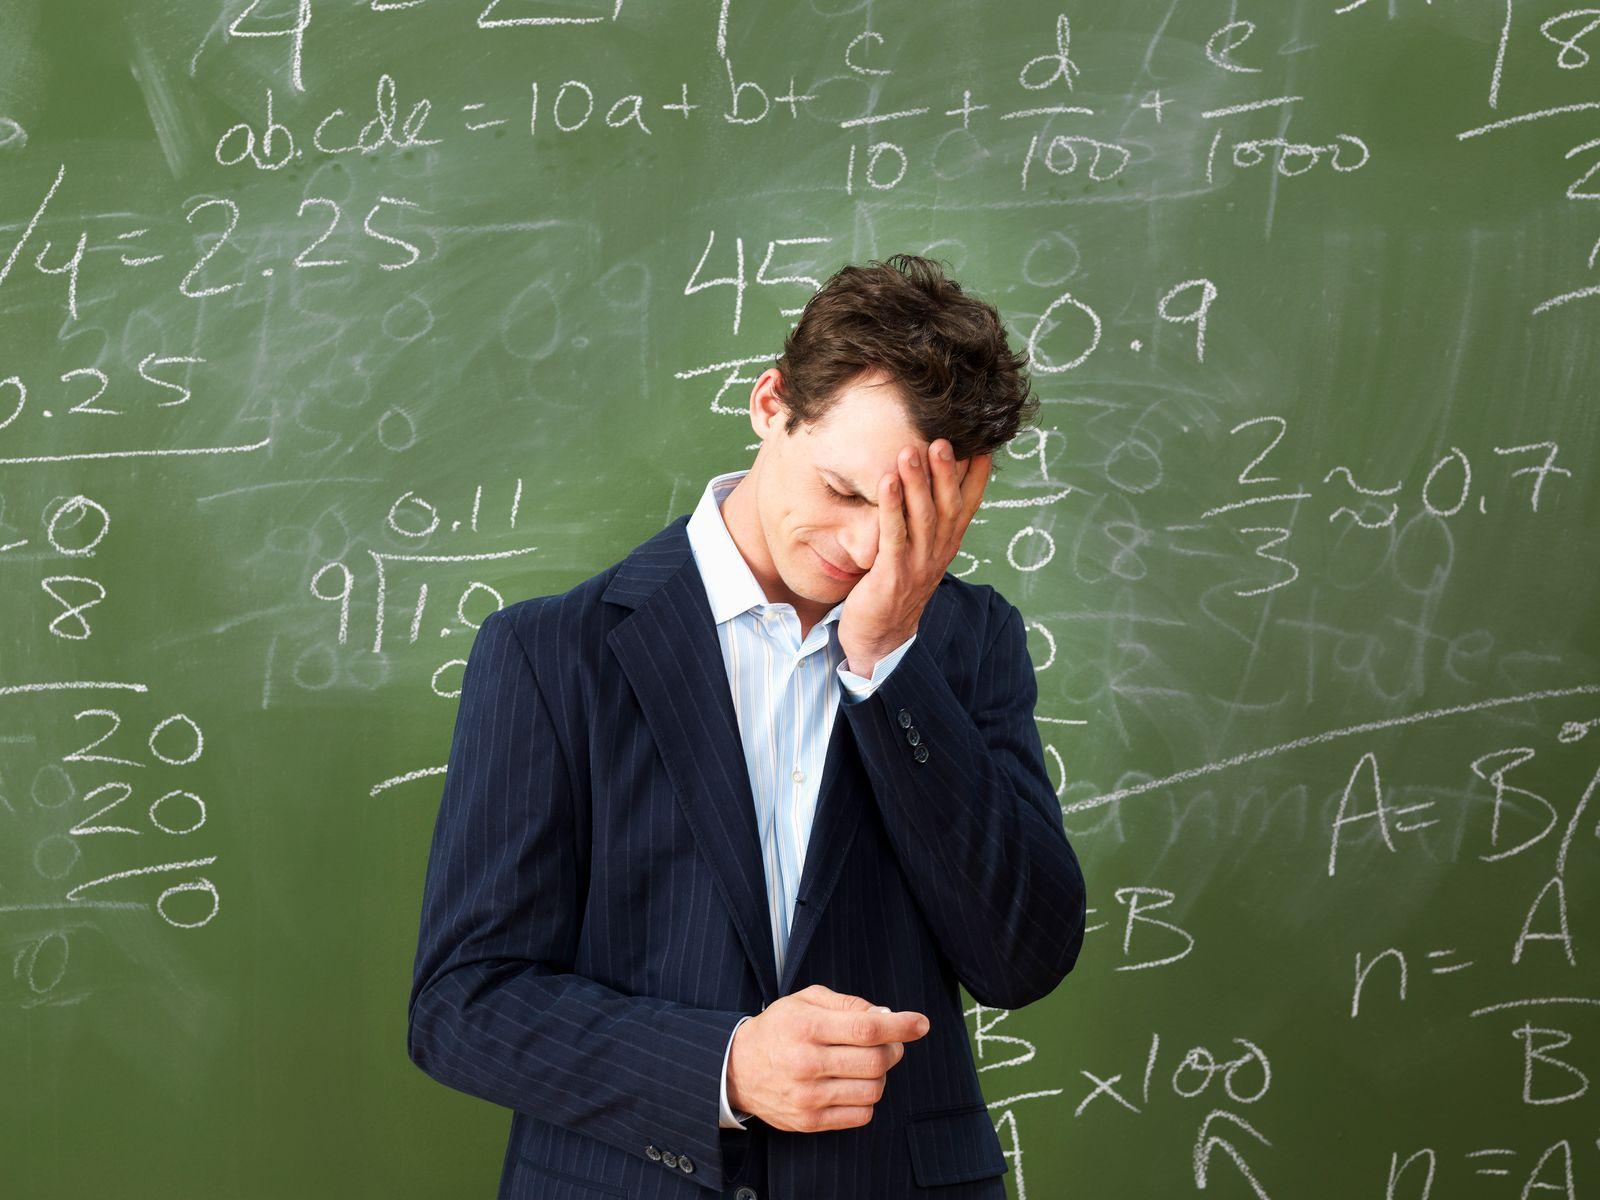 NICHT MEHR VERWENDEN! - Lehrer / Stress /